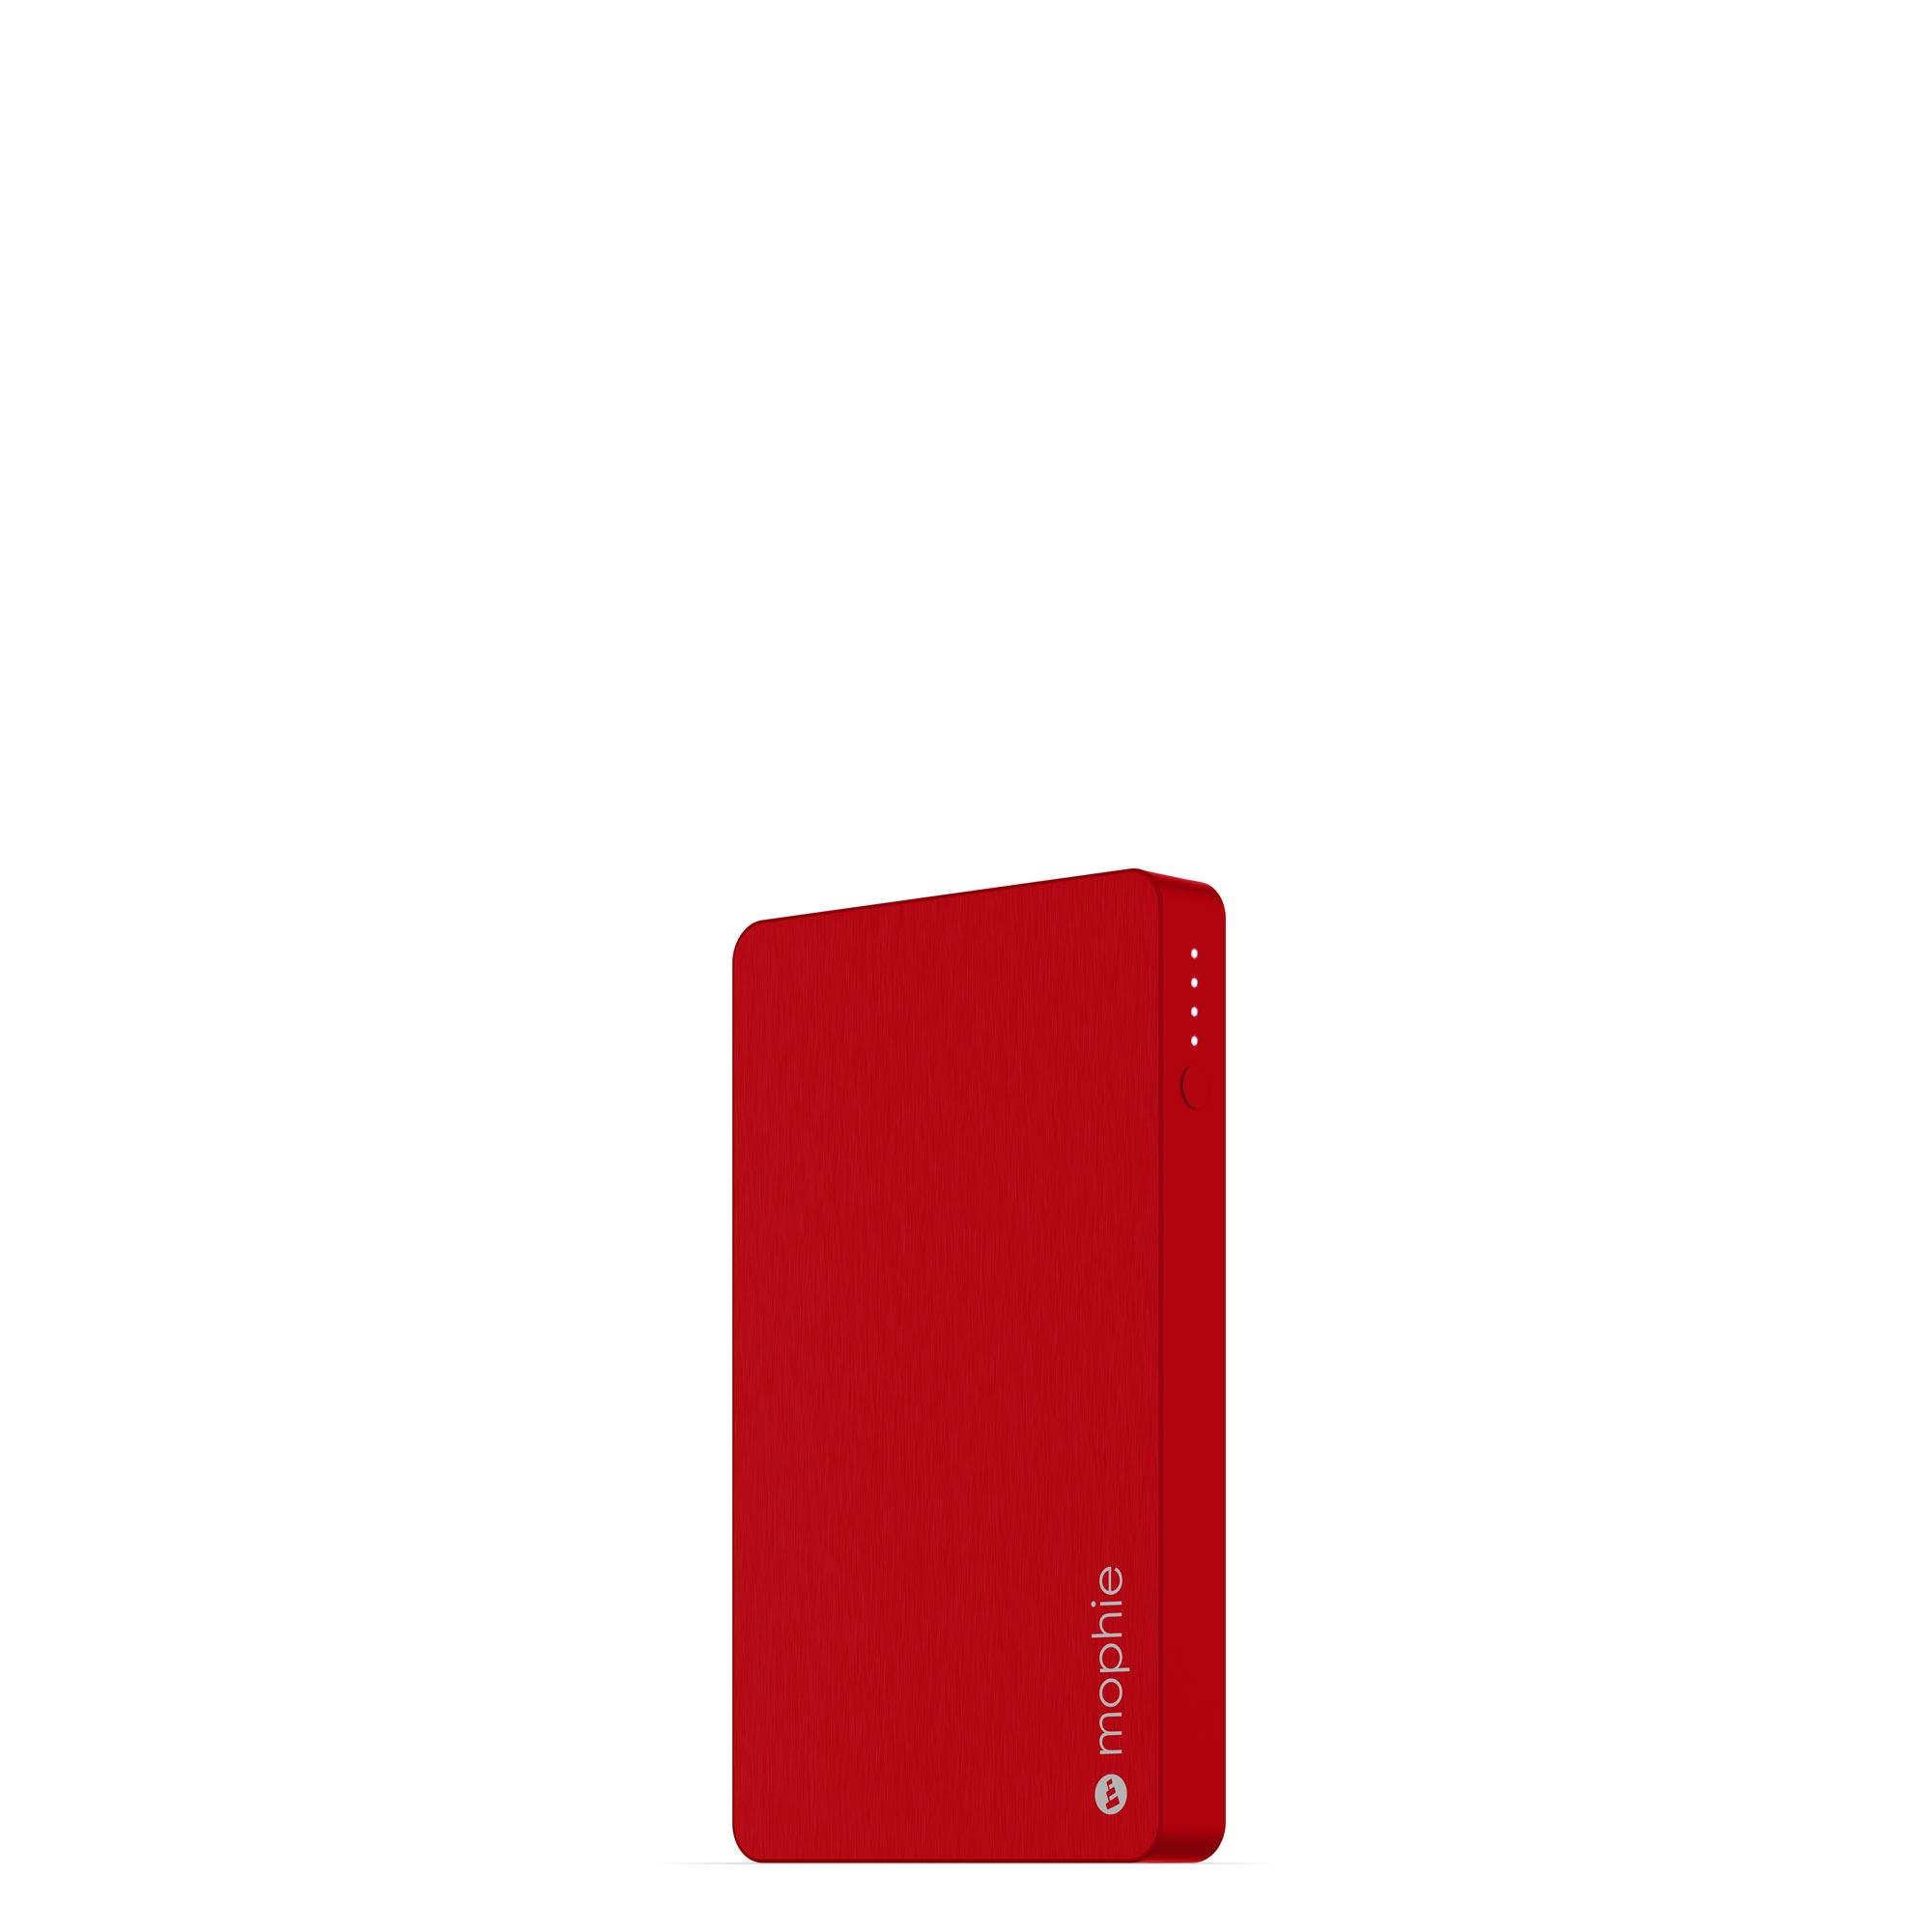 mophie Powerstation batería externa Rojo 5050 mAh